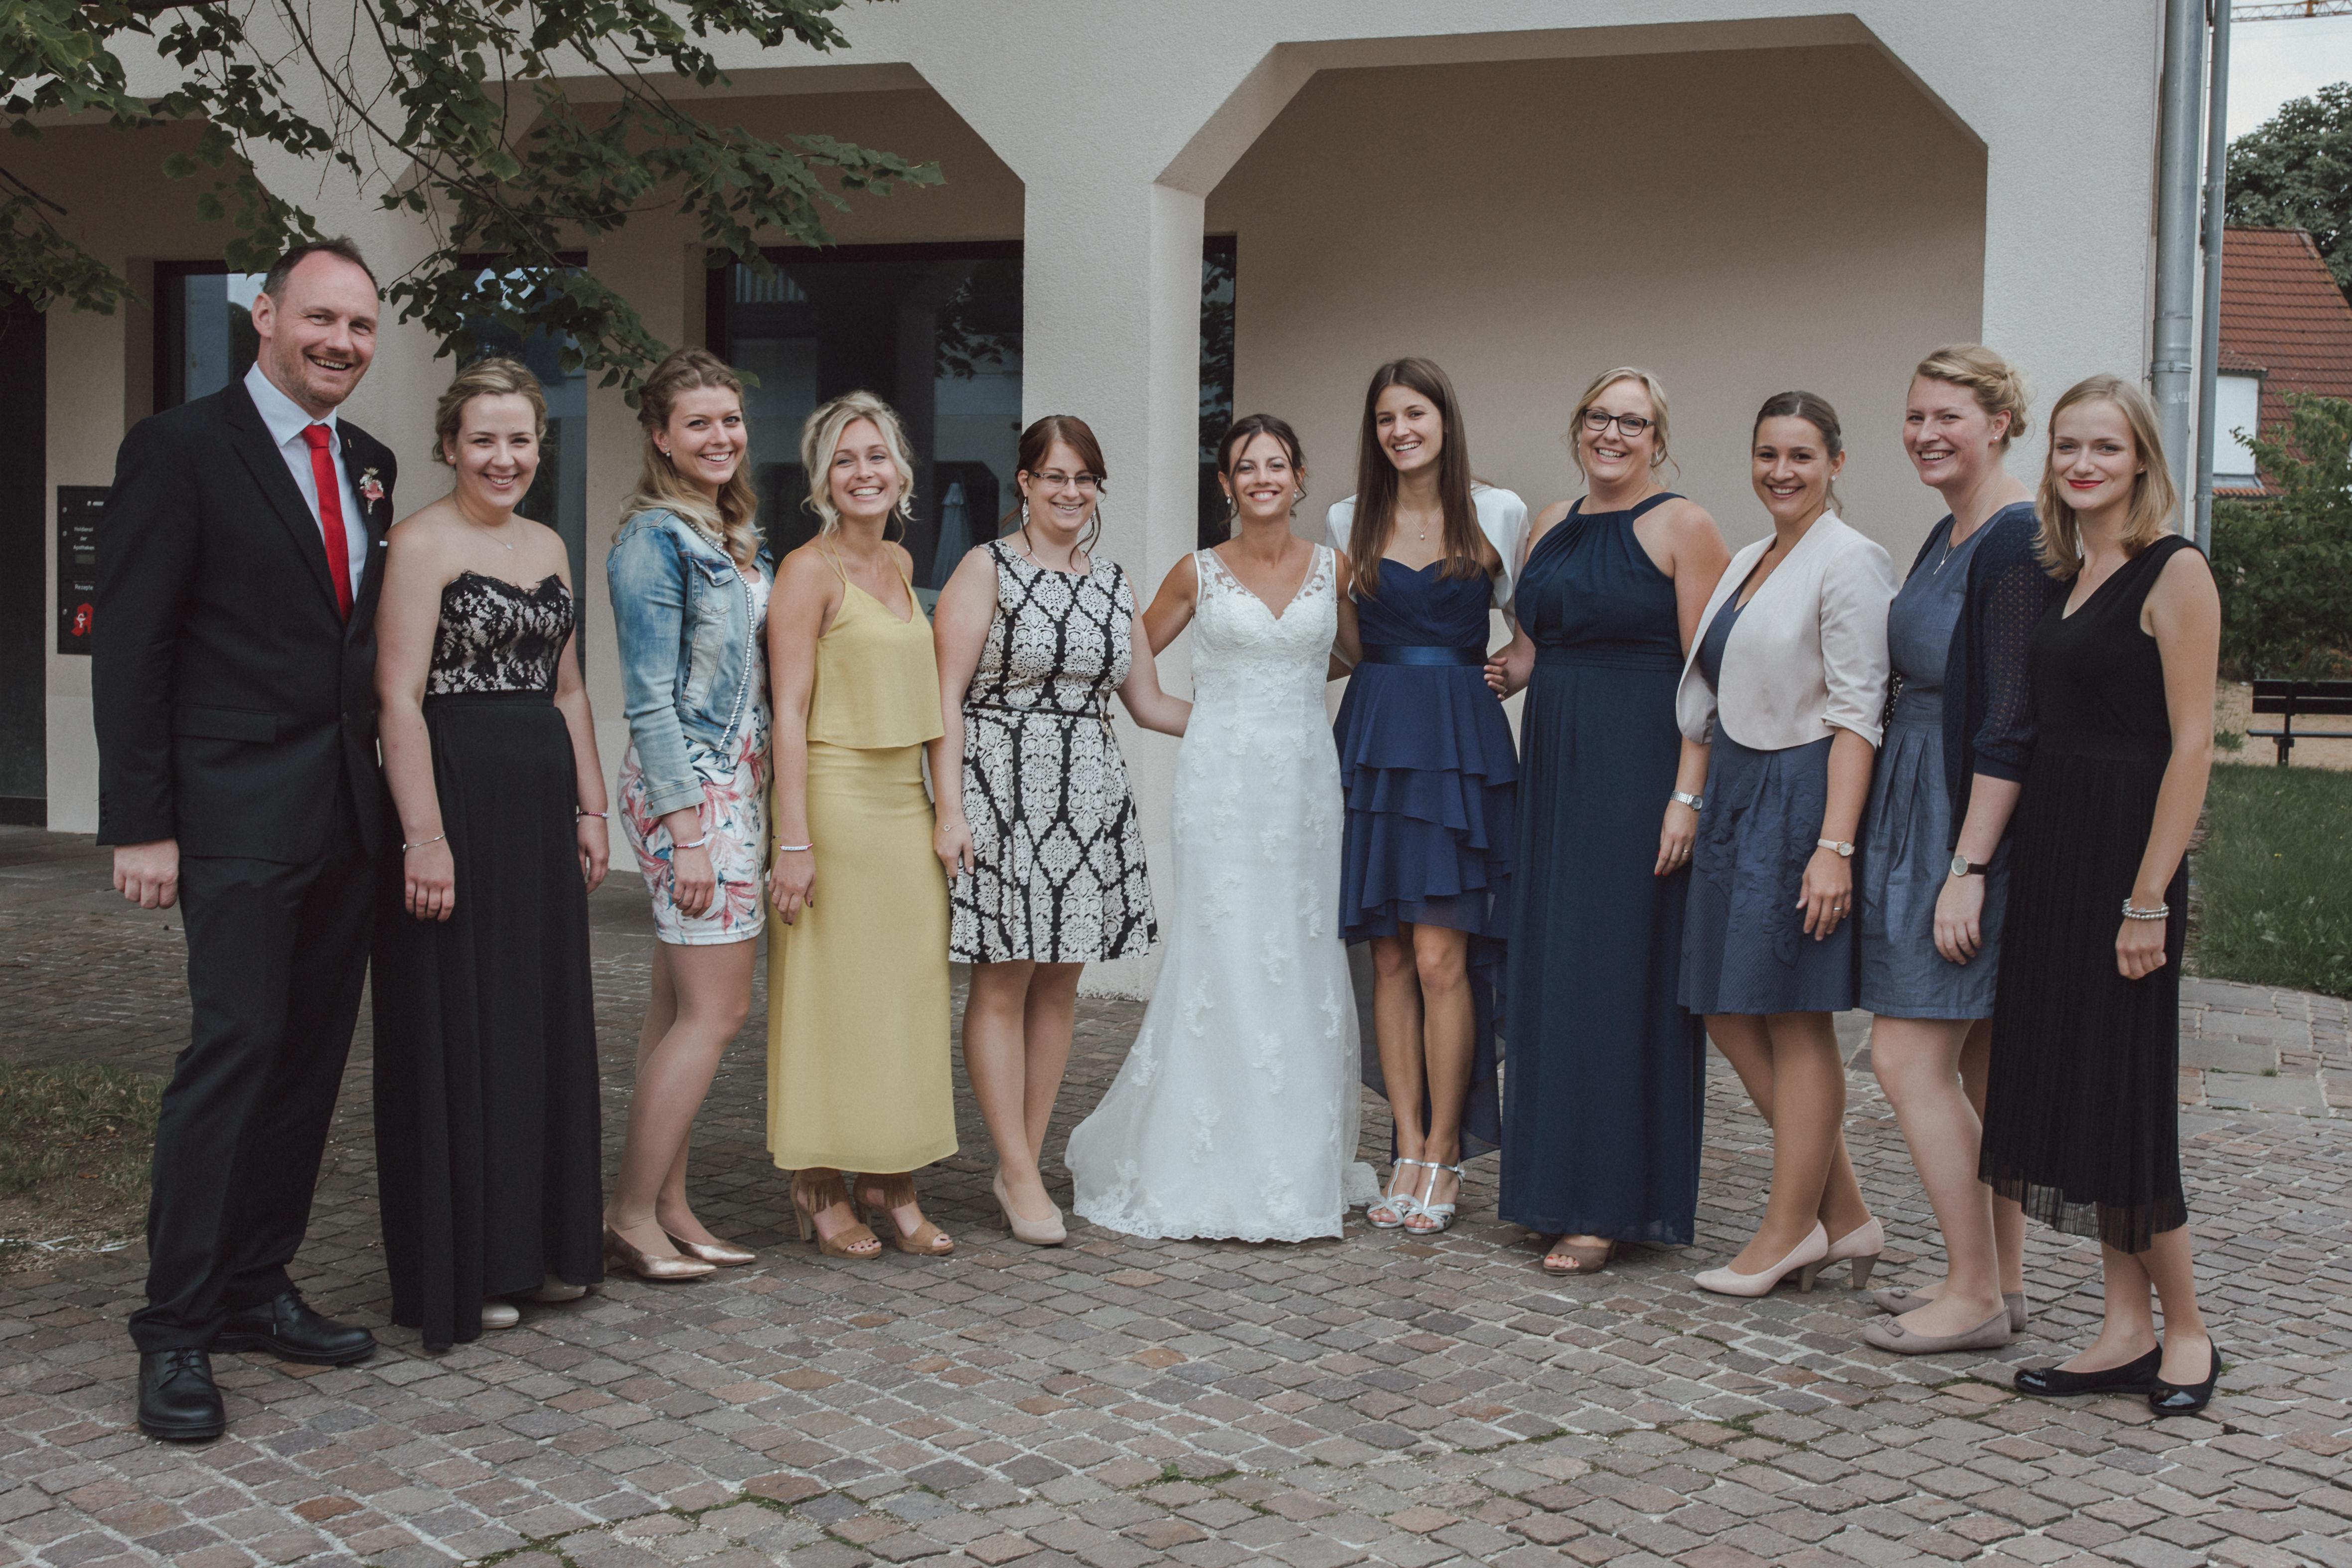 URBANERIE_Daniela_Goth_Hochzeitsfotografin_Nürnberg_Fürth_Erlangen_Schwabach_170715_0886